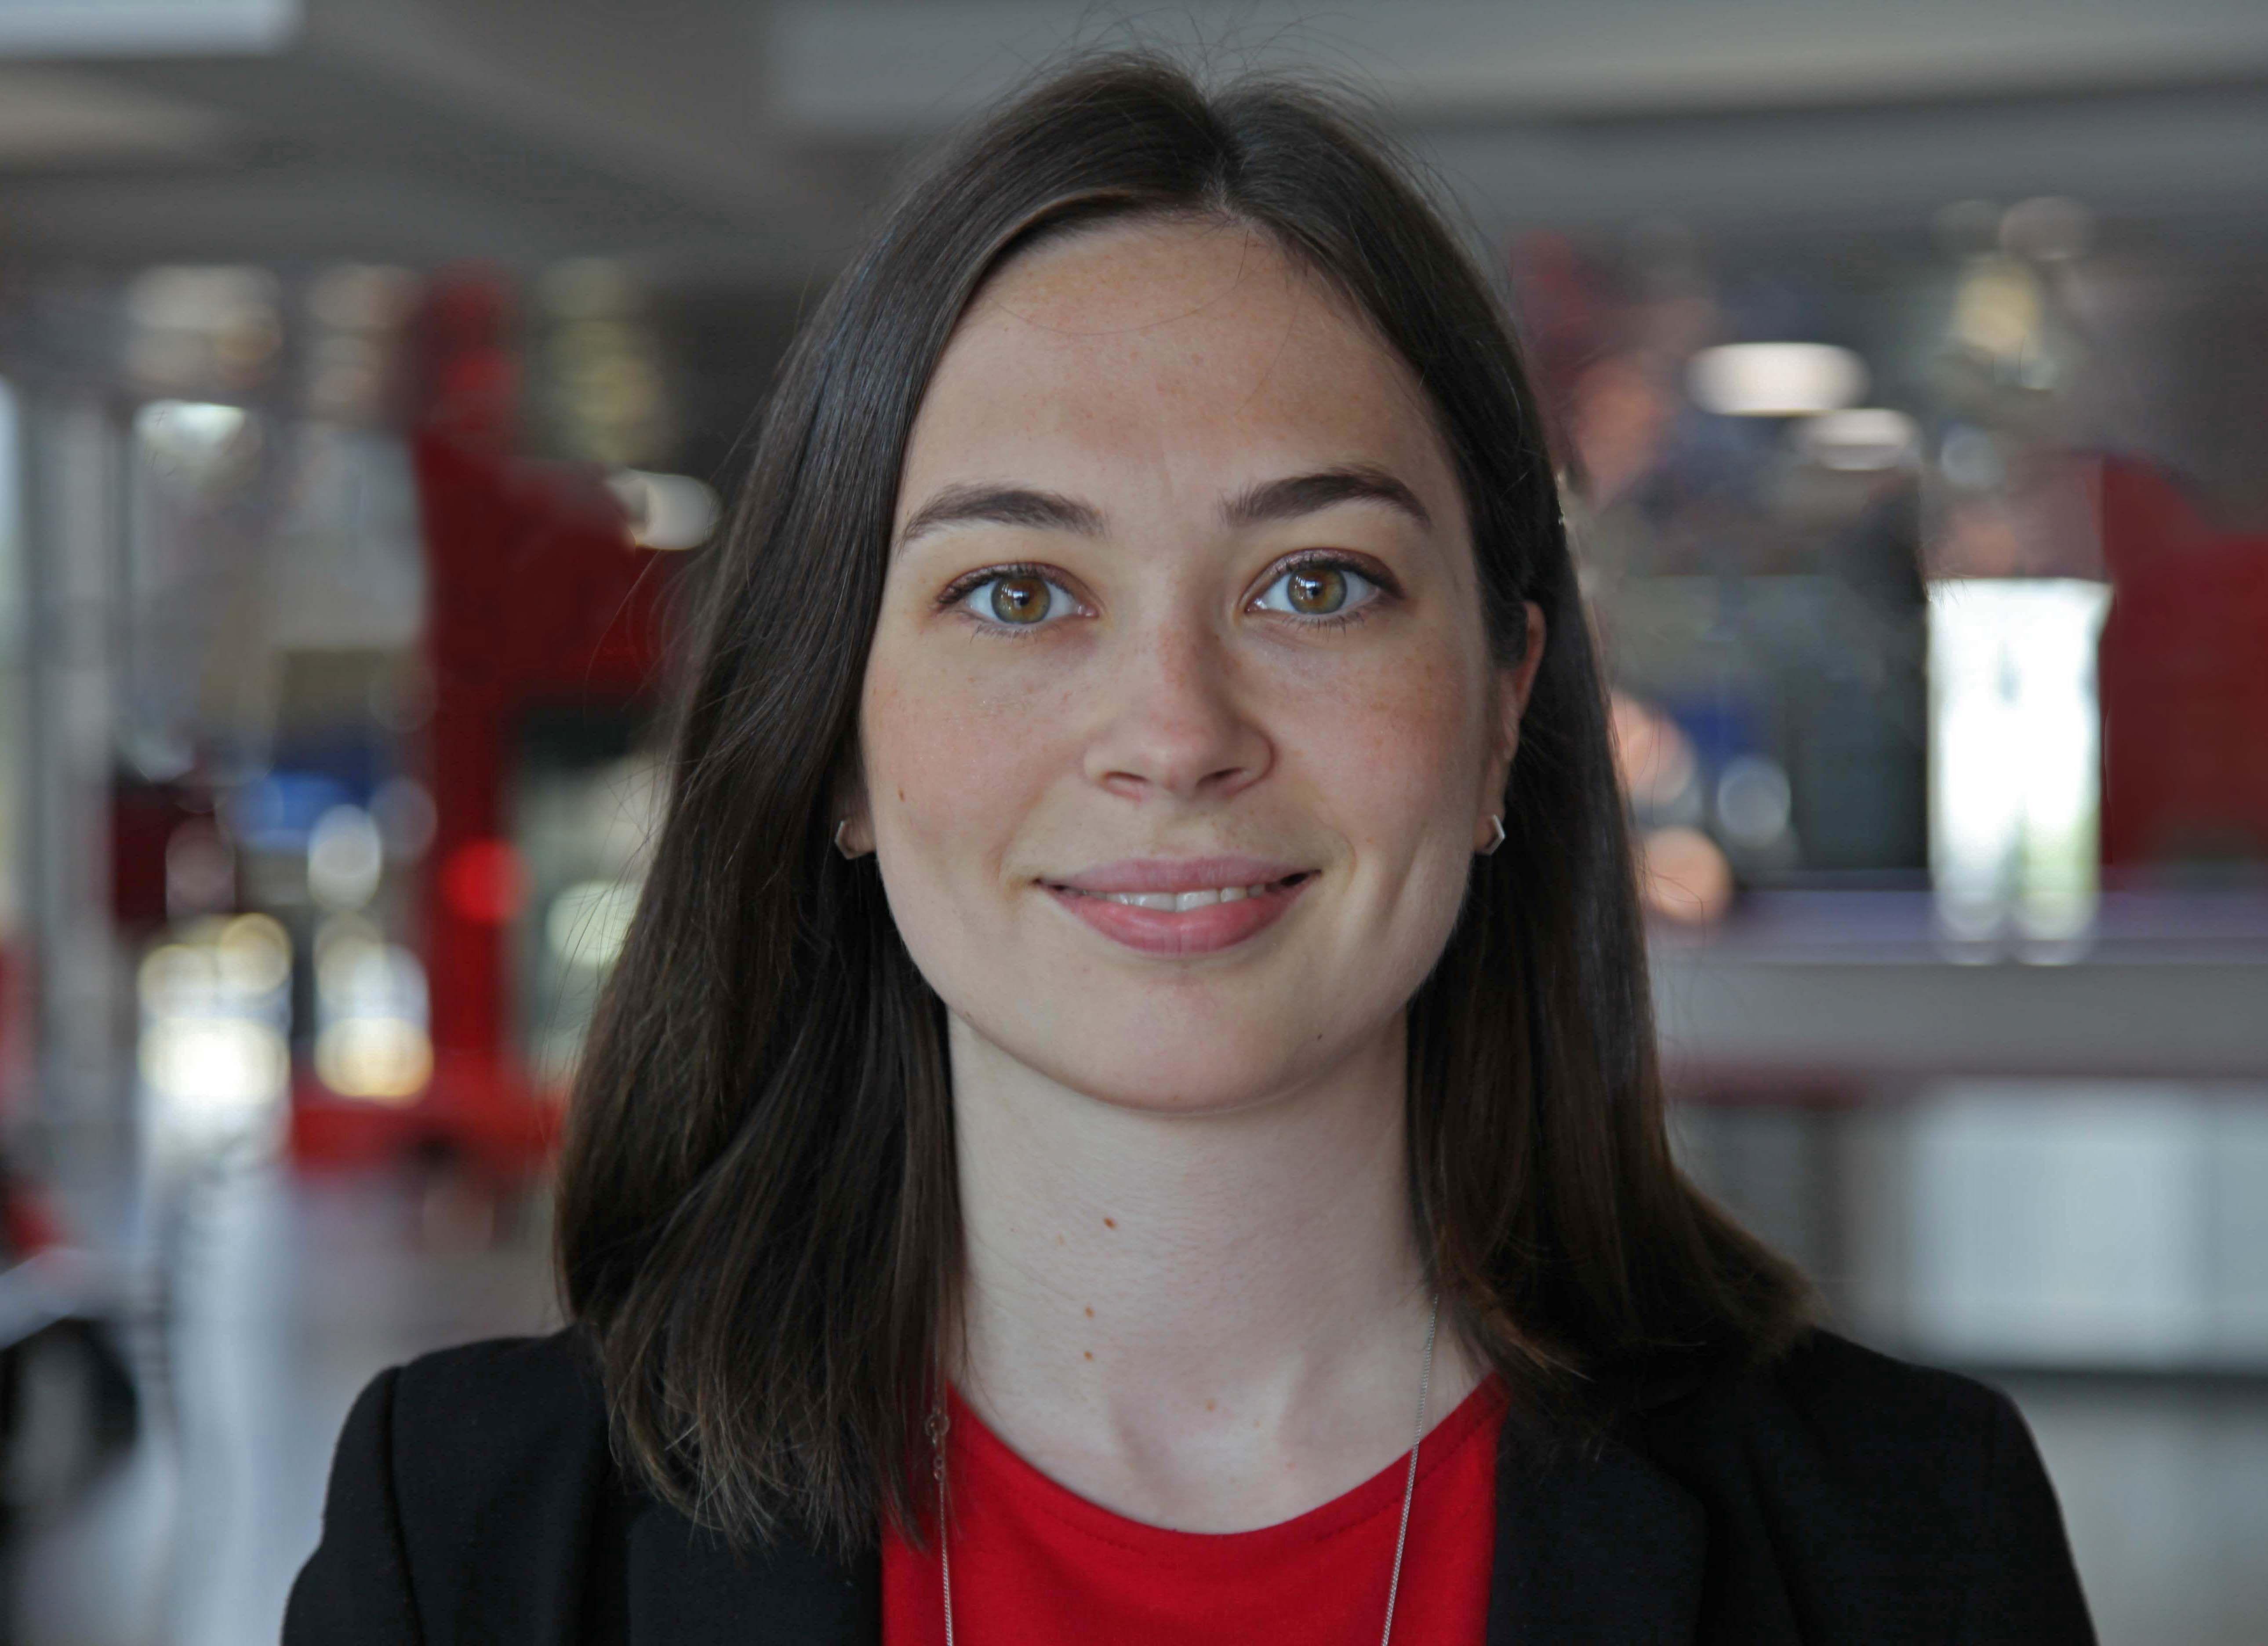 Alana Tomlin